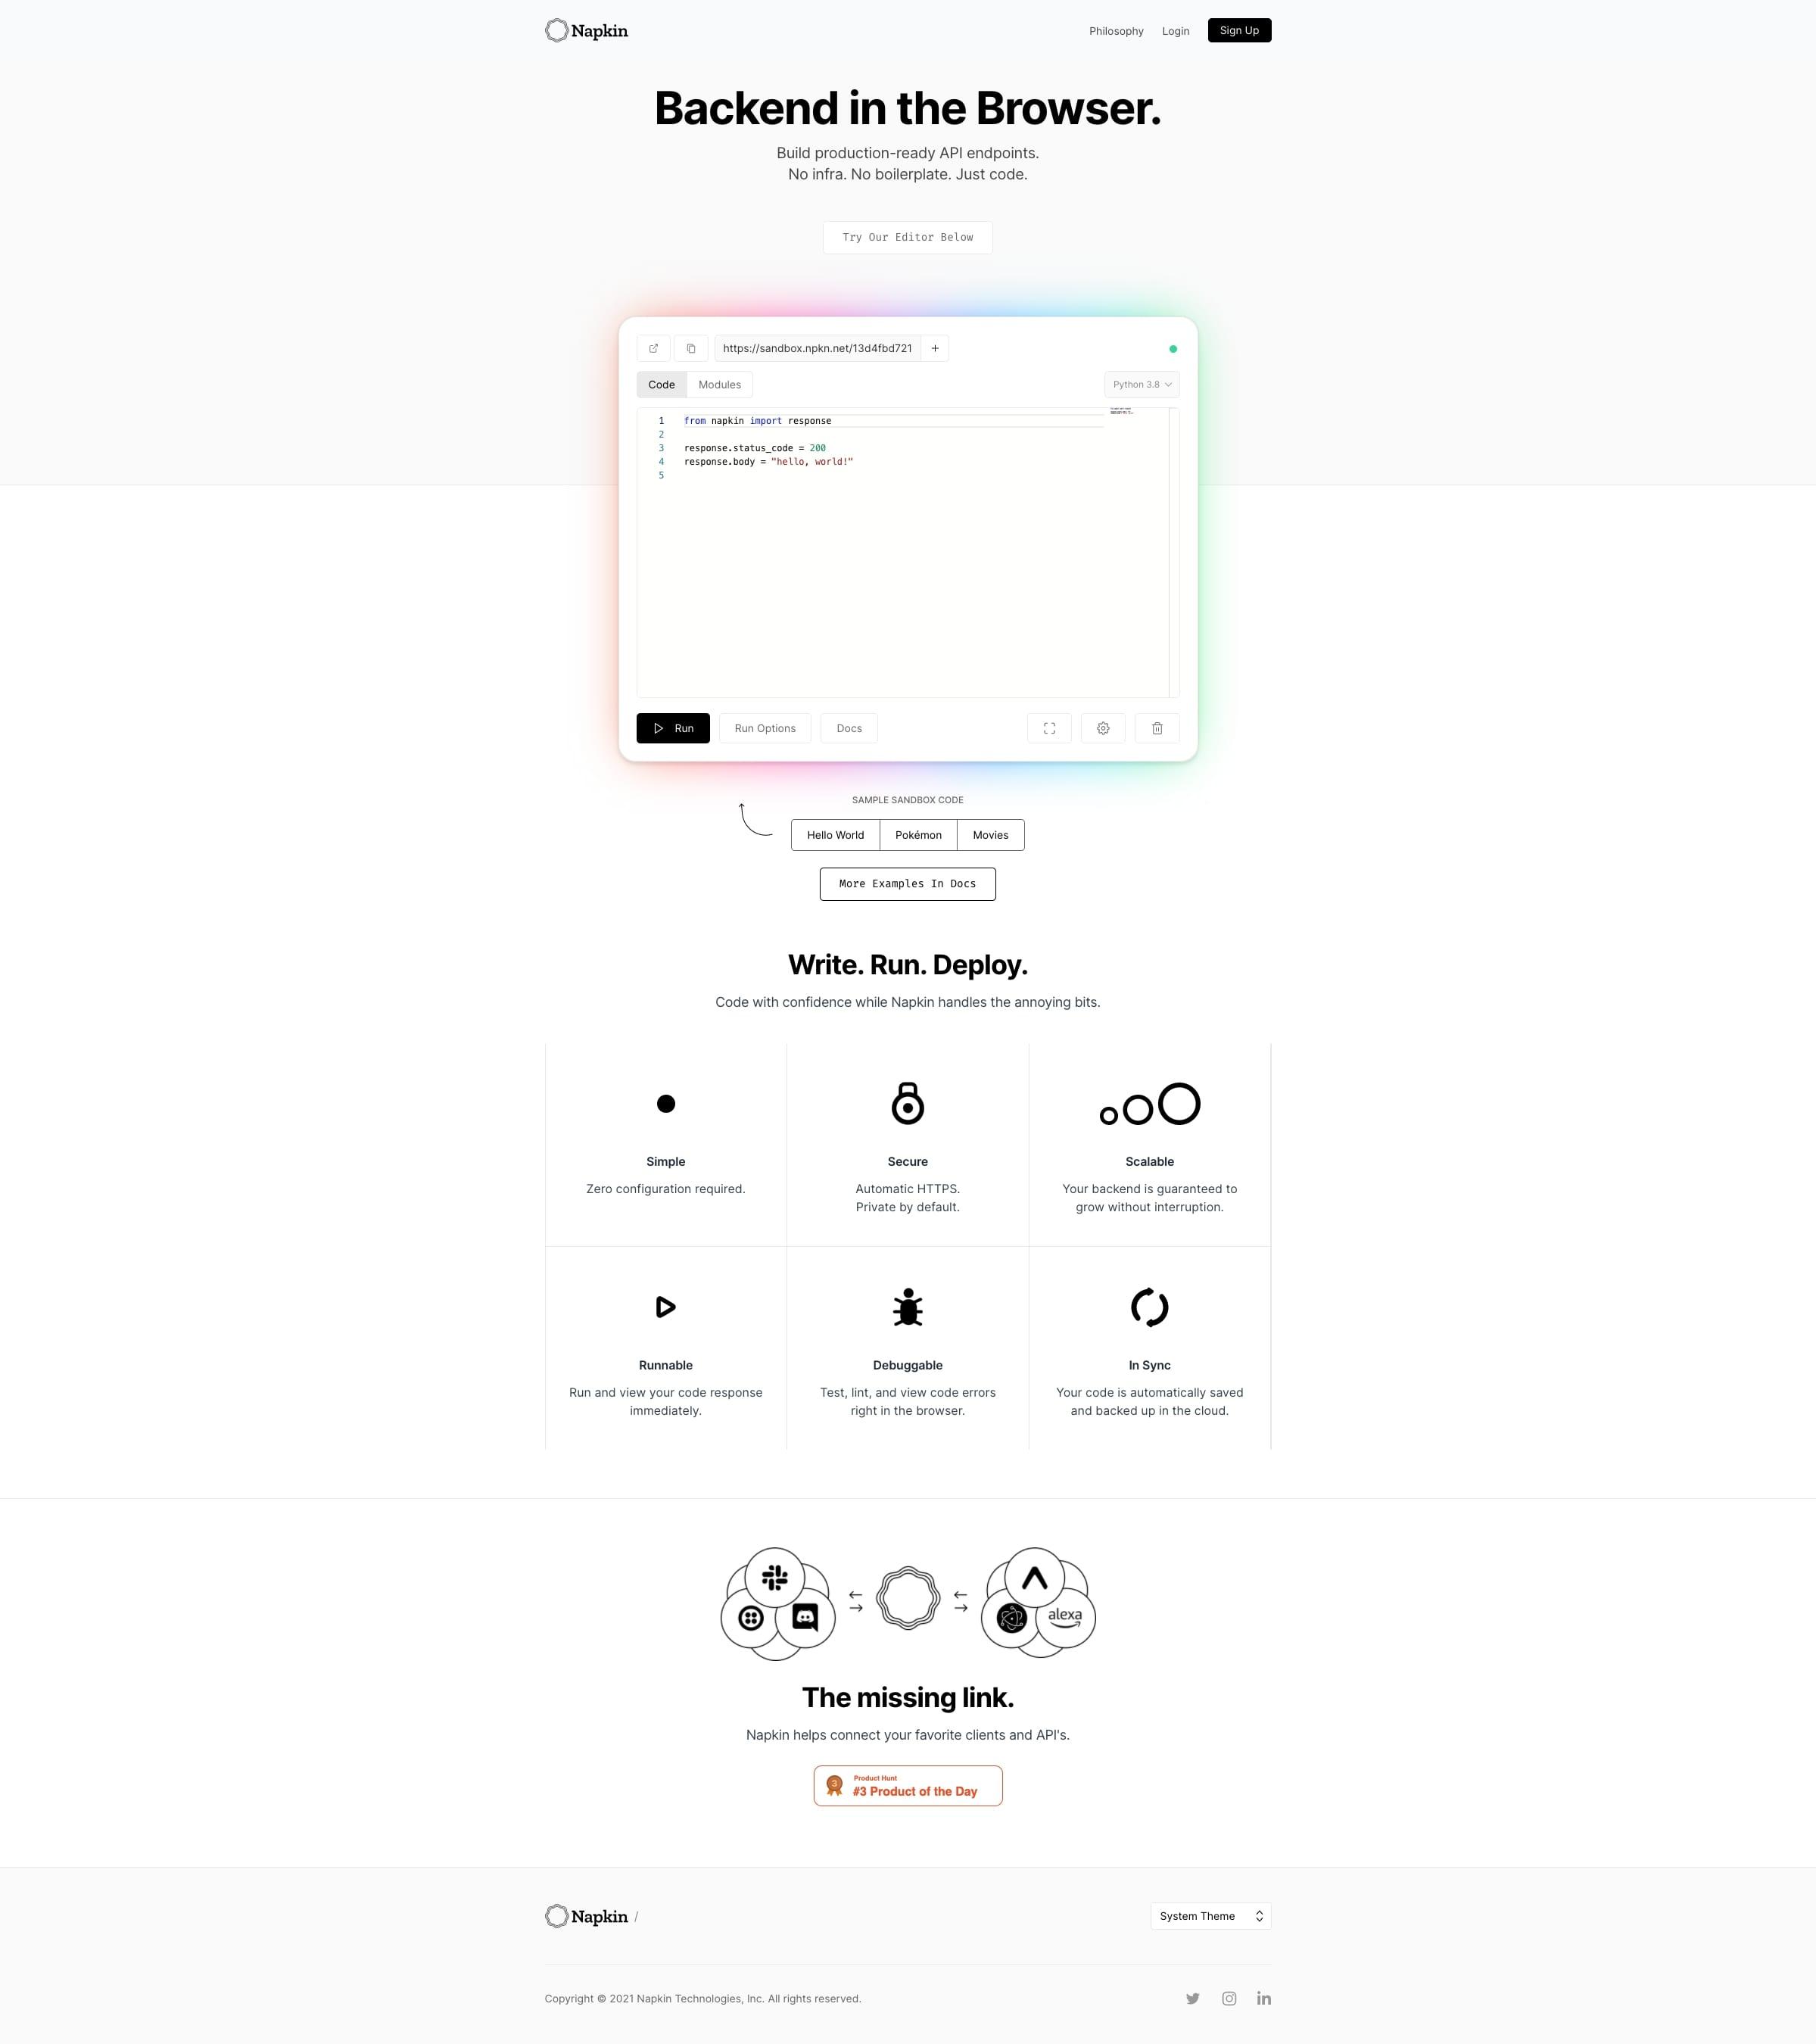 Napkin backend browser website